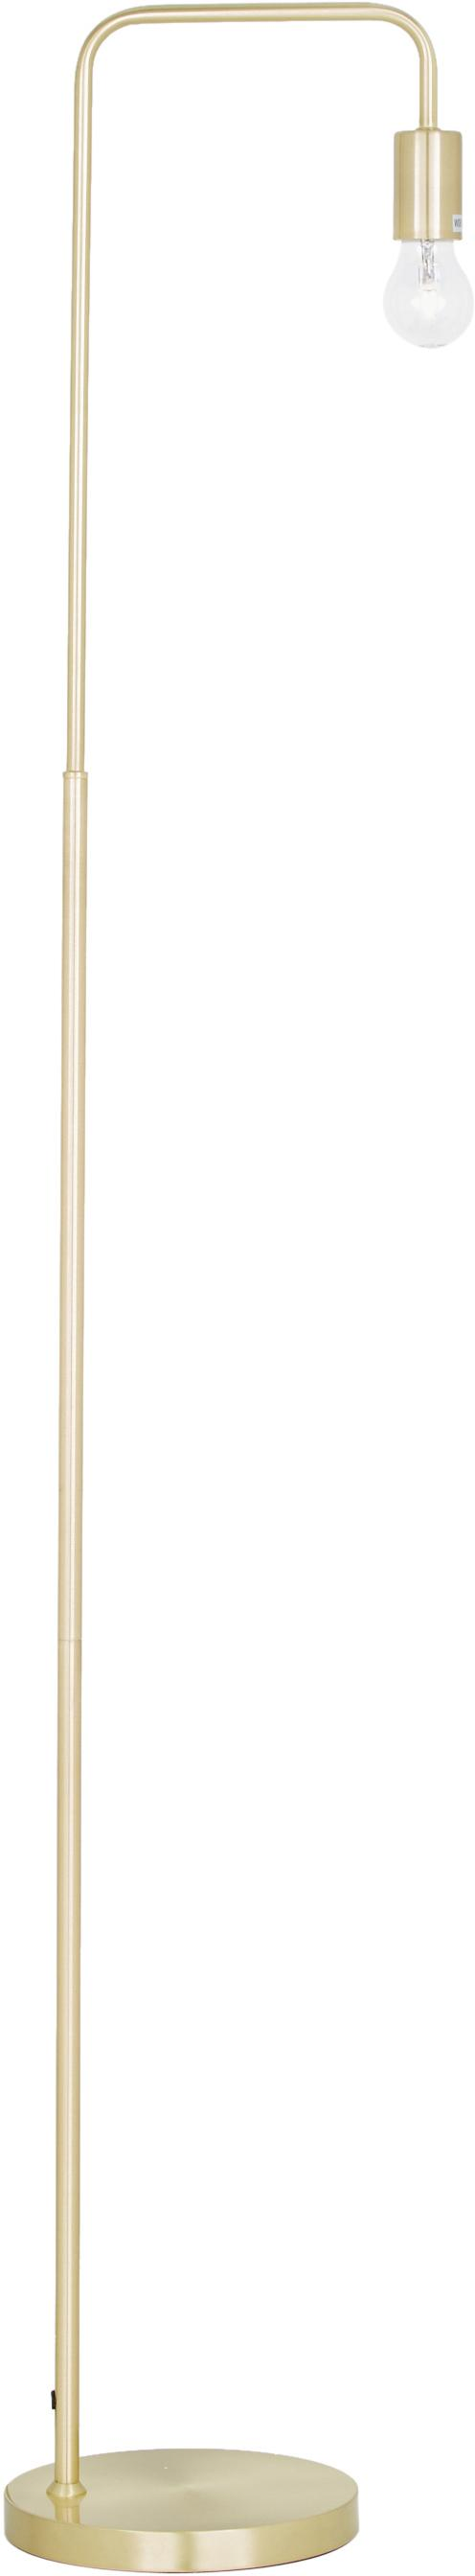 Lámpara de pie Flow, Cable: cubierto en tela, Latón, cepillado, An 33 x Al 153 cm